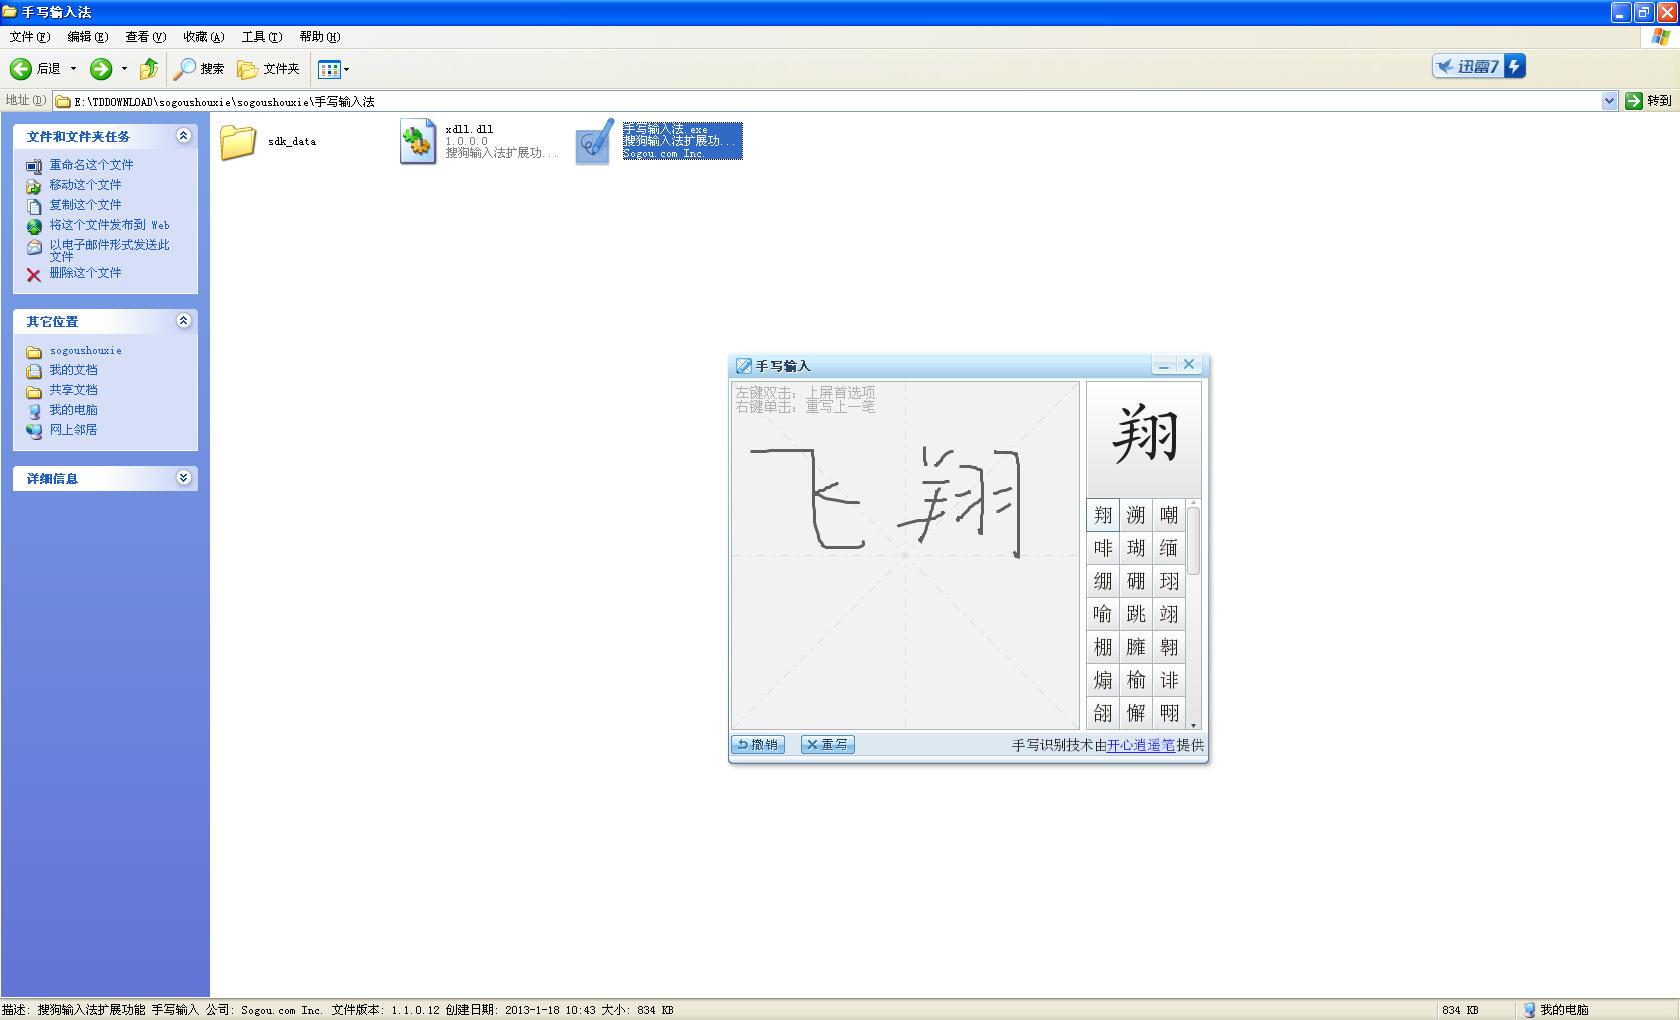 搜狗鼠标手写输入法V1.1.0.37 绿色免费版